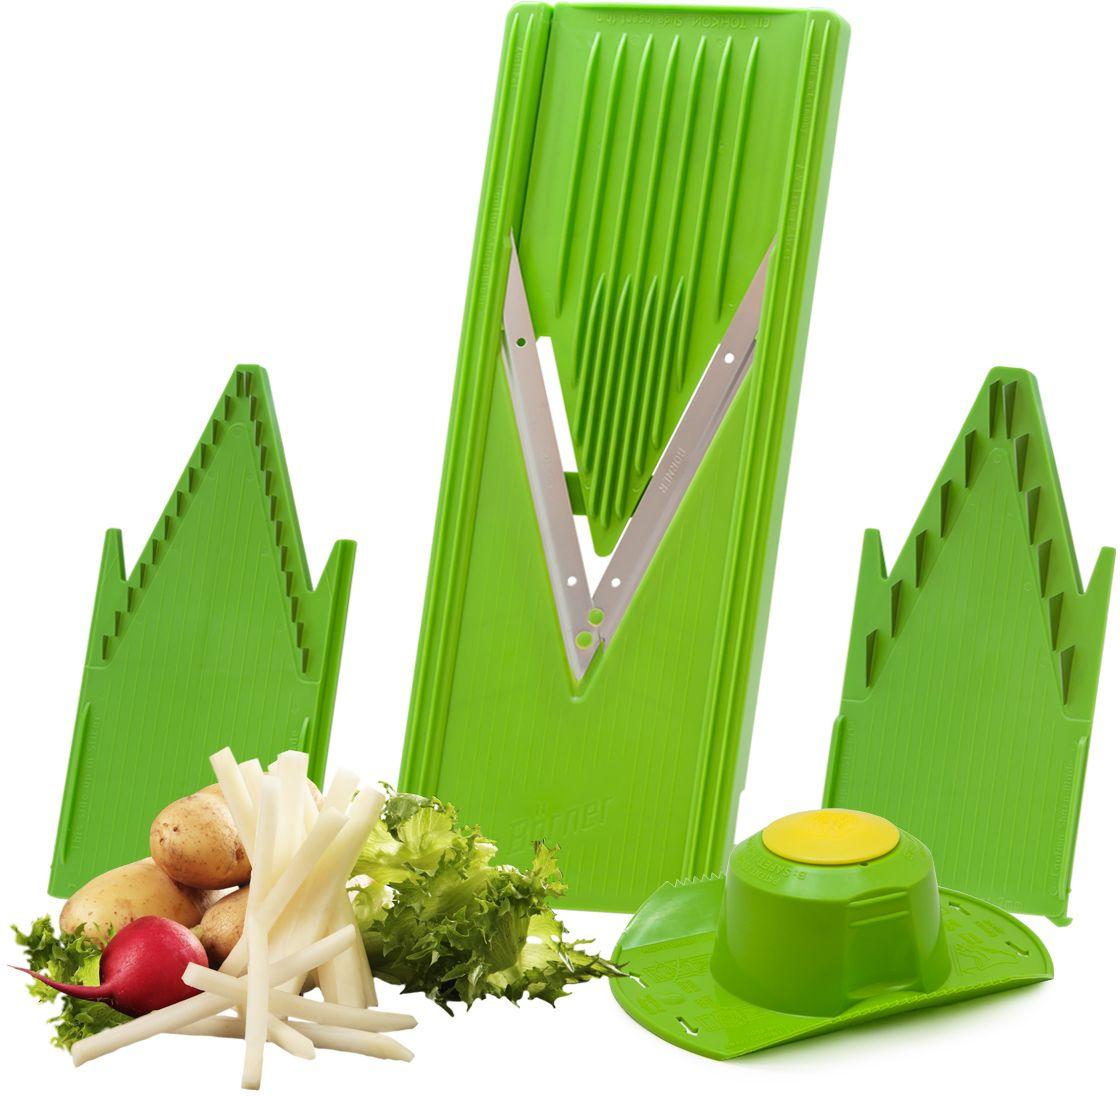 """Базовый комплект овощерезки «Классика» более 30 лет пользуется неизменной популярностью. Удобен, доступен. 12 видов нарезки. Проверенное годами безупречное немецкое качество. Корпус овощерезки выполнен из пищевого полистирола. Базовый комплект овощерезки «Классика» состоит из 5-ти предметов: • V-рама (в которую вставляются вставки) • Безножевая вставка (для шинковки капусты, нарезки из любых продуктов колечек, пластов и ломтиков) • Вставка с ножами 3,5 мм (для нарезки тонкой длинной или короткой соломки, мелких кубиков) • Вставка с ножами 7 мм (для нарезки длинных или коротких брусочков, крупных кубиков) • Безопасный плододержатель Все подробности и рецепты в приложенных инструкциях. Легендарная немецкая """"Тёрка Бёрнера"""" представлена в России с 1991 года и известна во всём мире своими великолепными острыми ножами с микросеррейторной заточкой и заводская гарантия на заточку ножей - это безупречная переработка 3-х тонн овощей. Вся продукция завода """"BORNER GmbH"""" - это эталон настоящего немецкого качества, безупречной надёжности и высоких мировых технологий: идеальный выбор для современной кухни.   На заводе «BORNER» делают запатентованные уникальные ножи-микросеррейторы и высокотехнологичные пресс-формы для отлива ударопрочных корпусов овощерезок. Заводская гарантия на заточку ножей слайсера – это безупречная нарезка трёх тонн овощей. Проверено миллионами покупателей – десять лет ножи не требуют заточки! «Бёрнер» – идеальный выбор для современной кухни, непревзойдённое немецкое качество."""